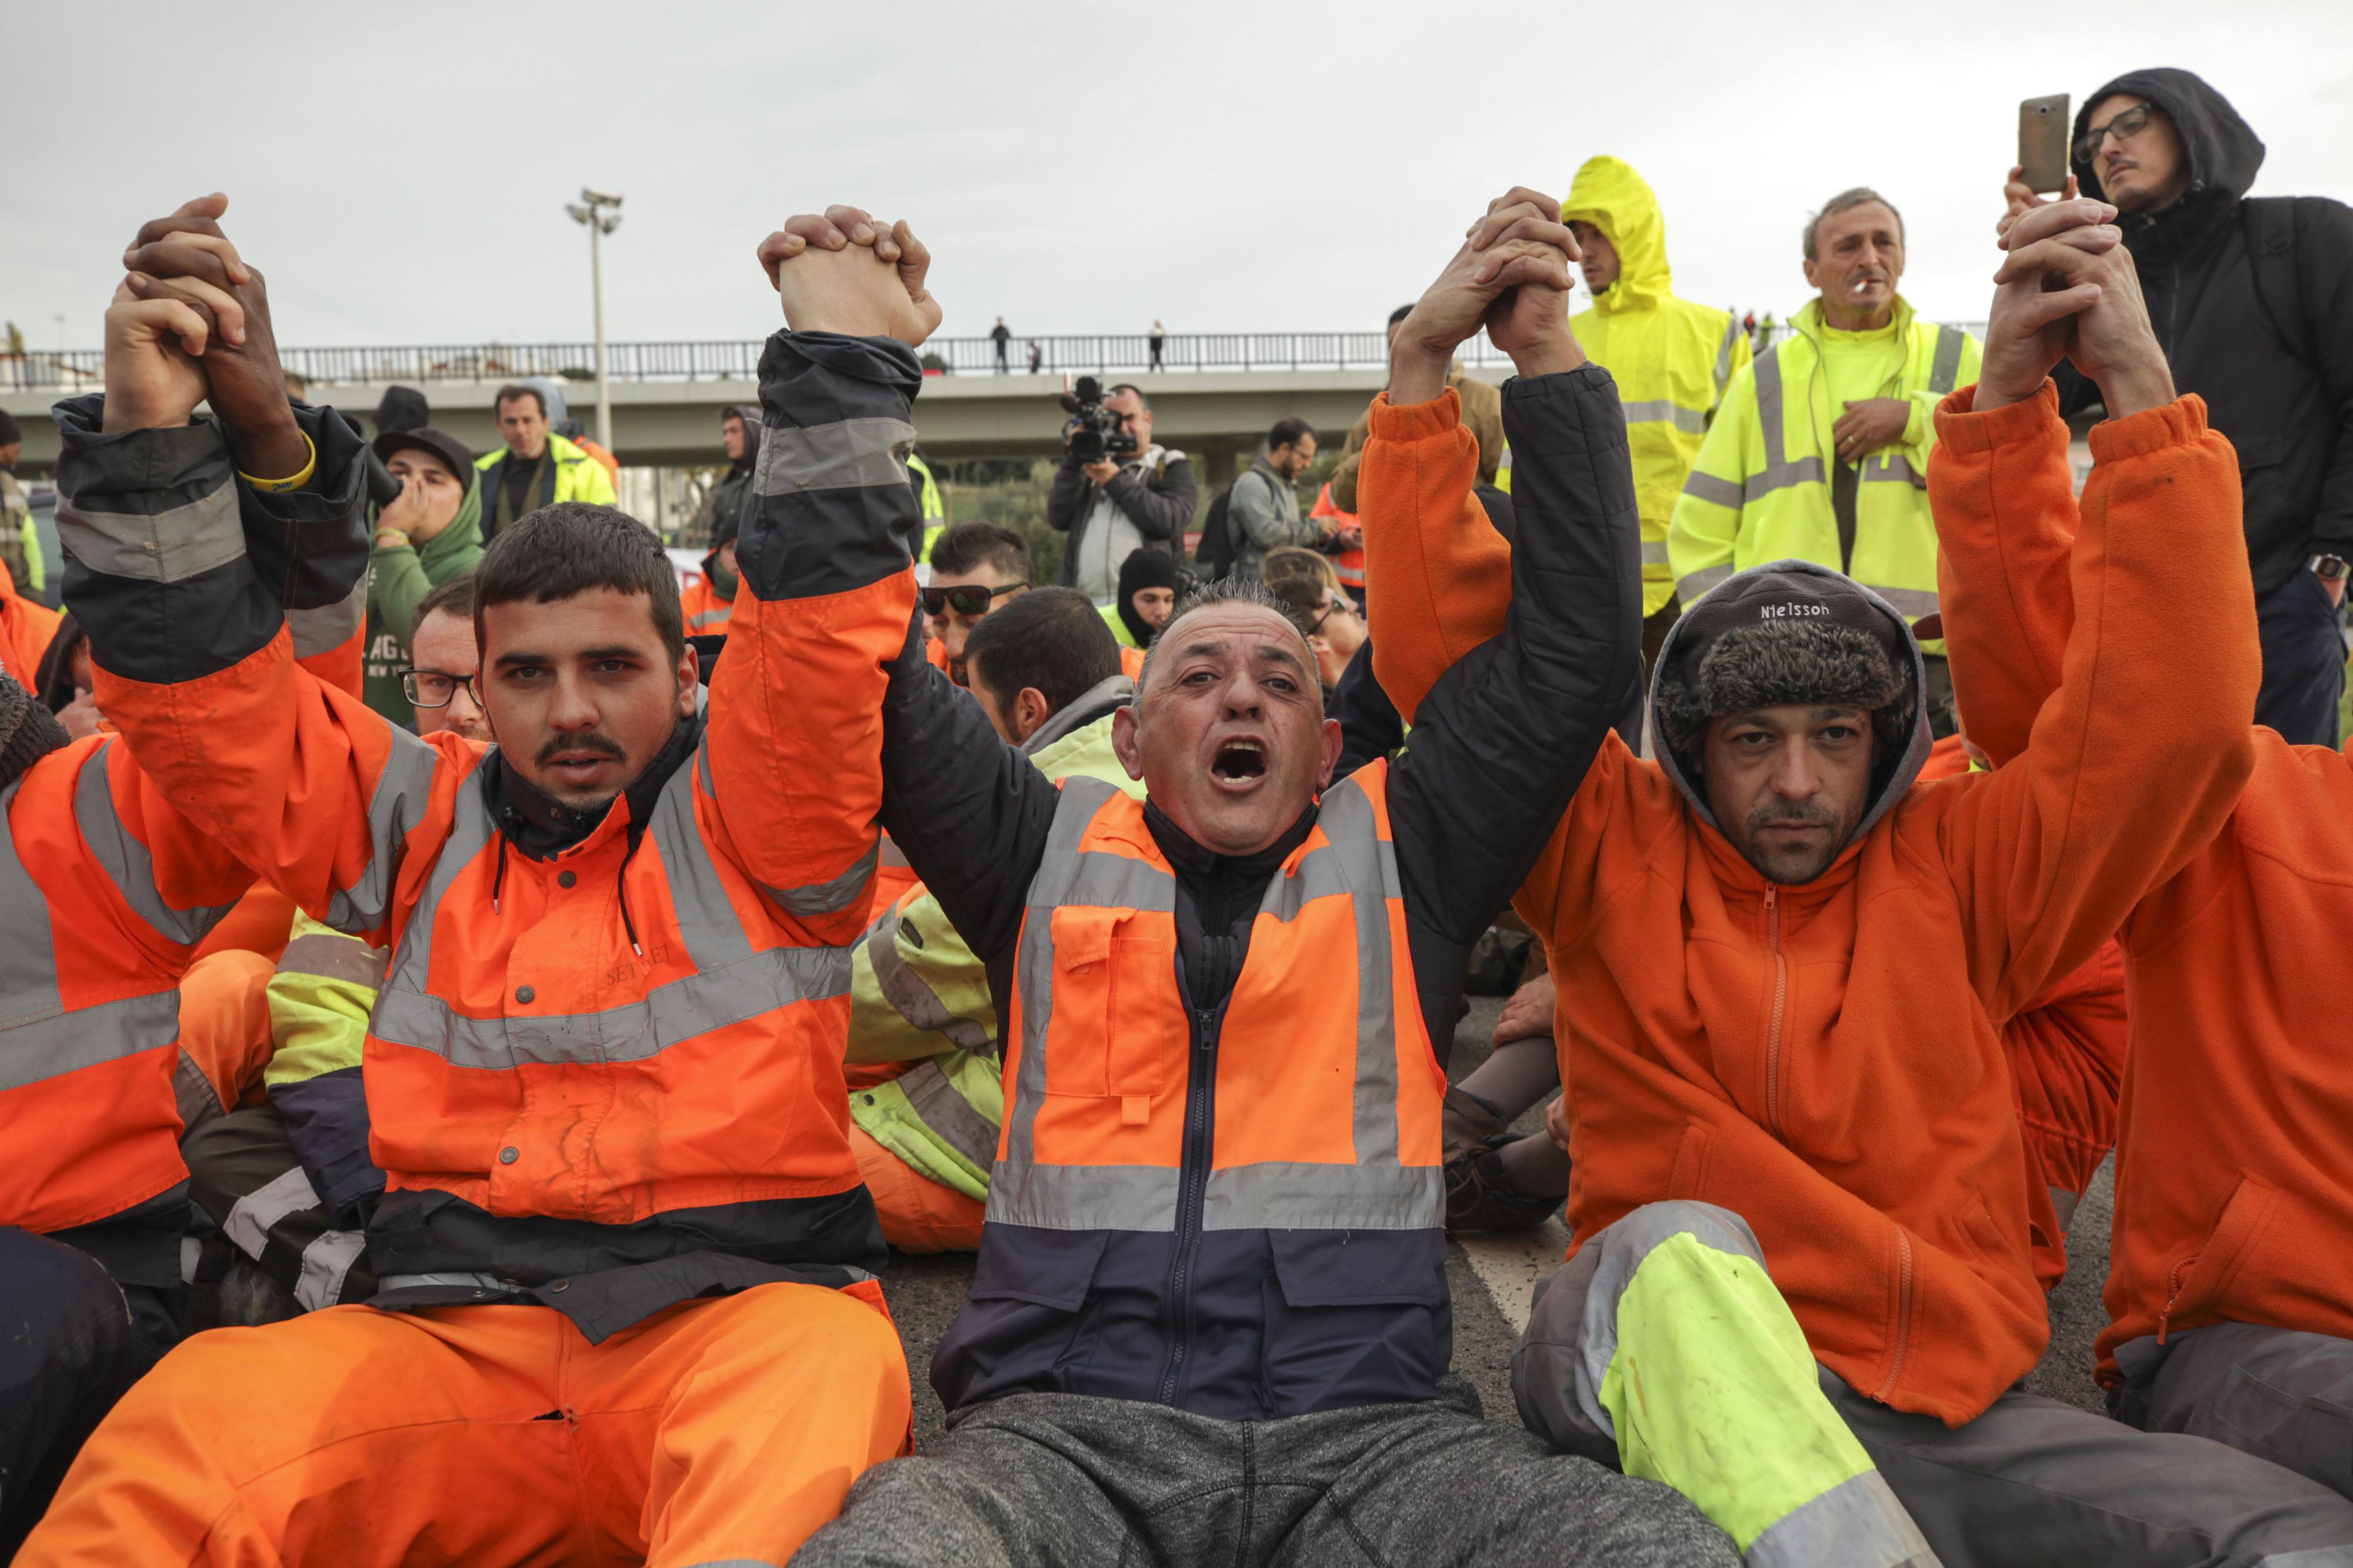 Estivadores aprovaram novo prazo para negociação do contrato coletivo de trabalho no porto de Setúbal